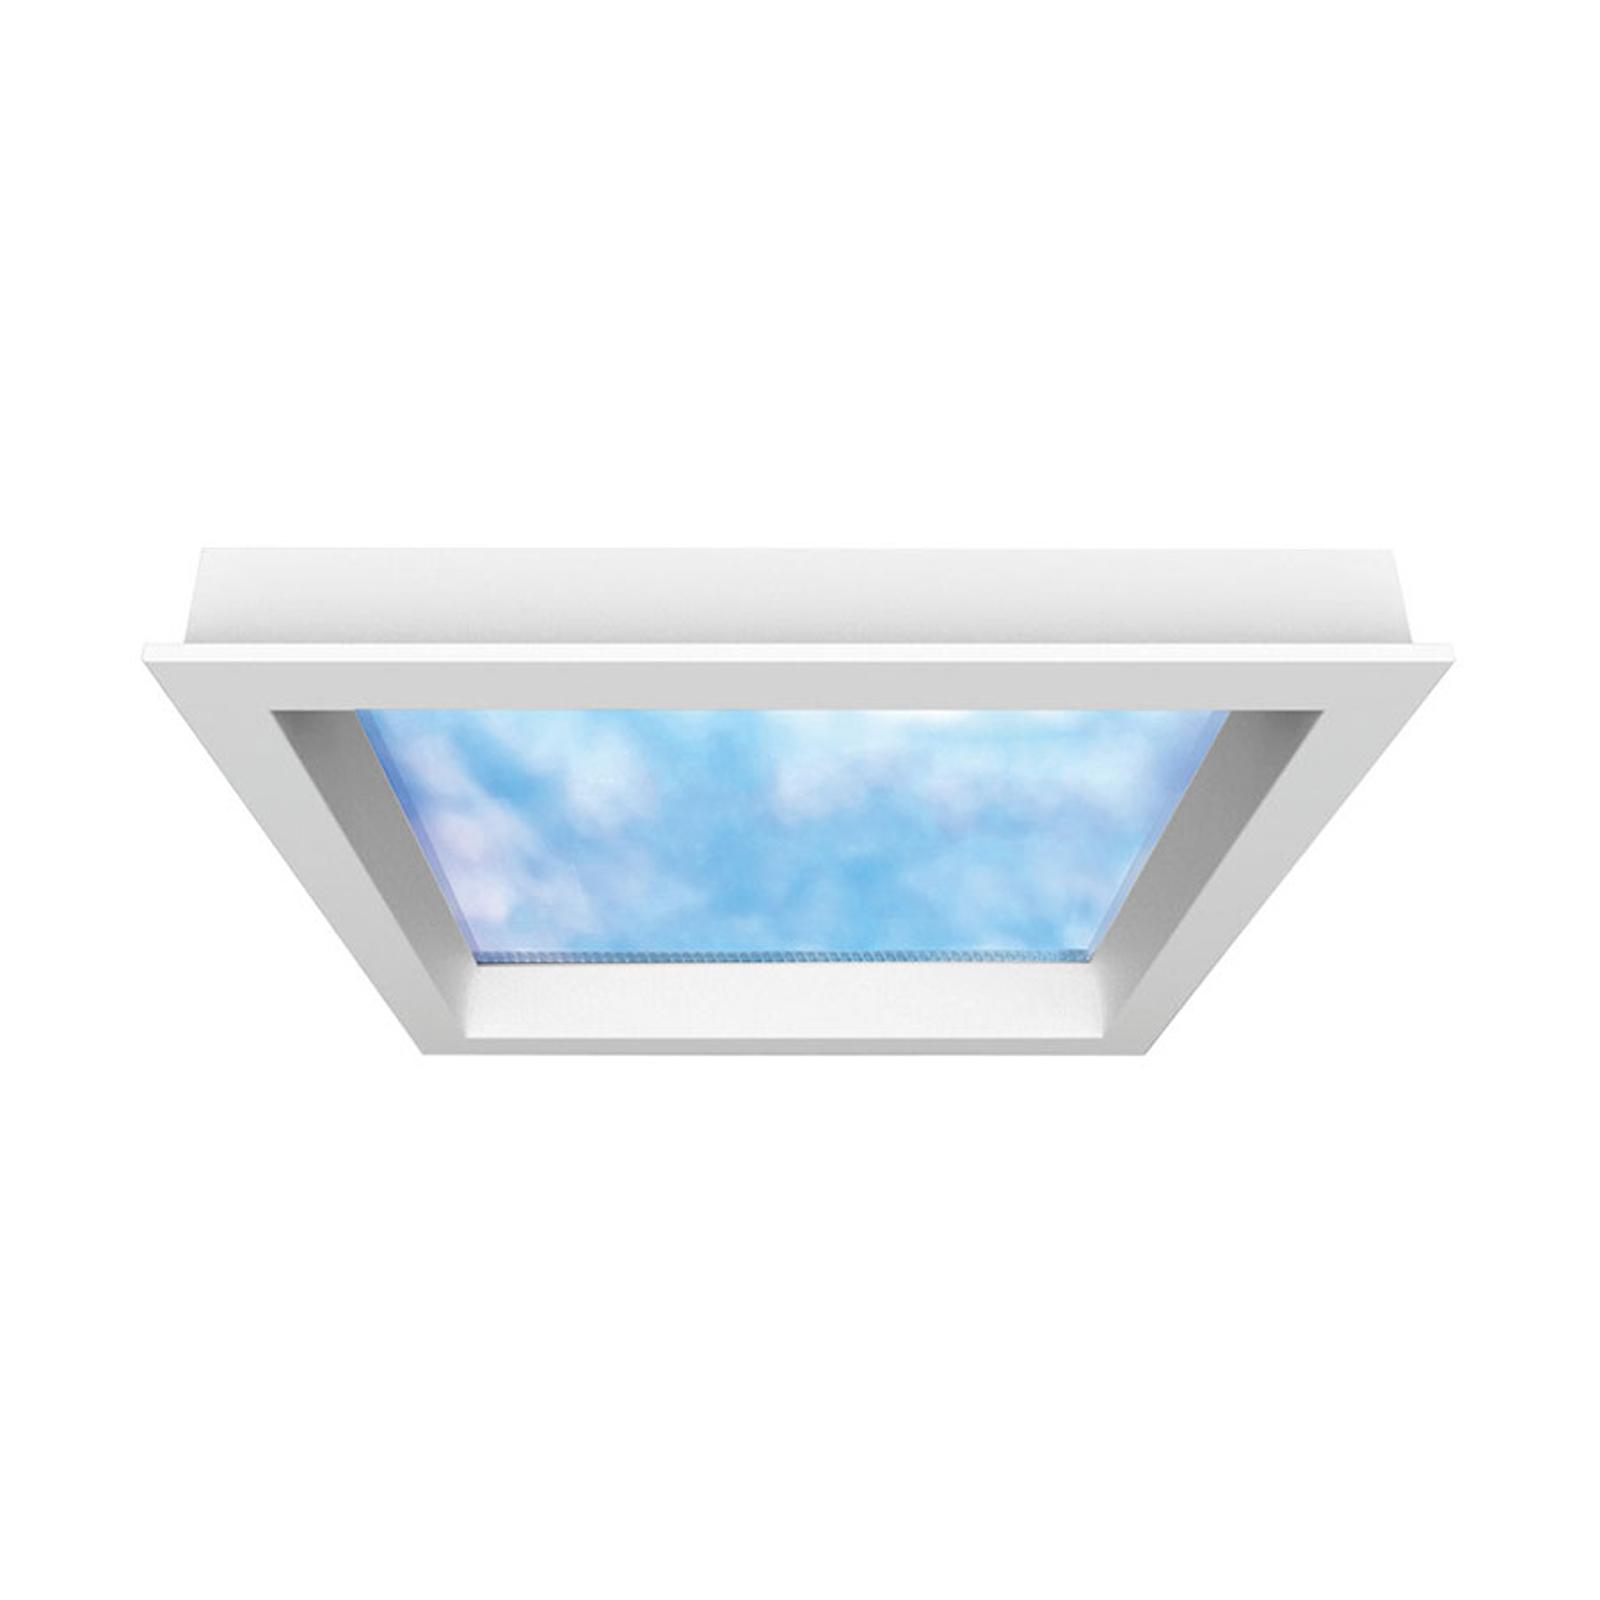 LED-panel Sky Window 60x60 cm med monteringsramme